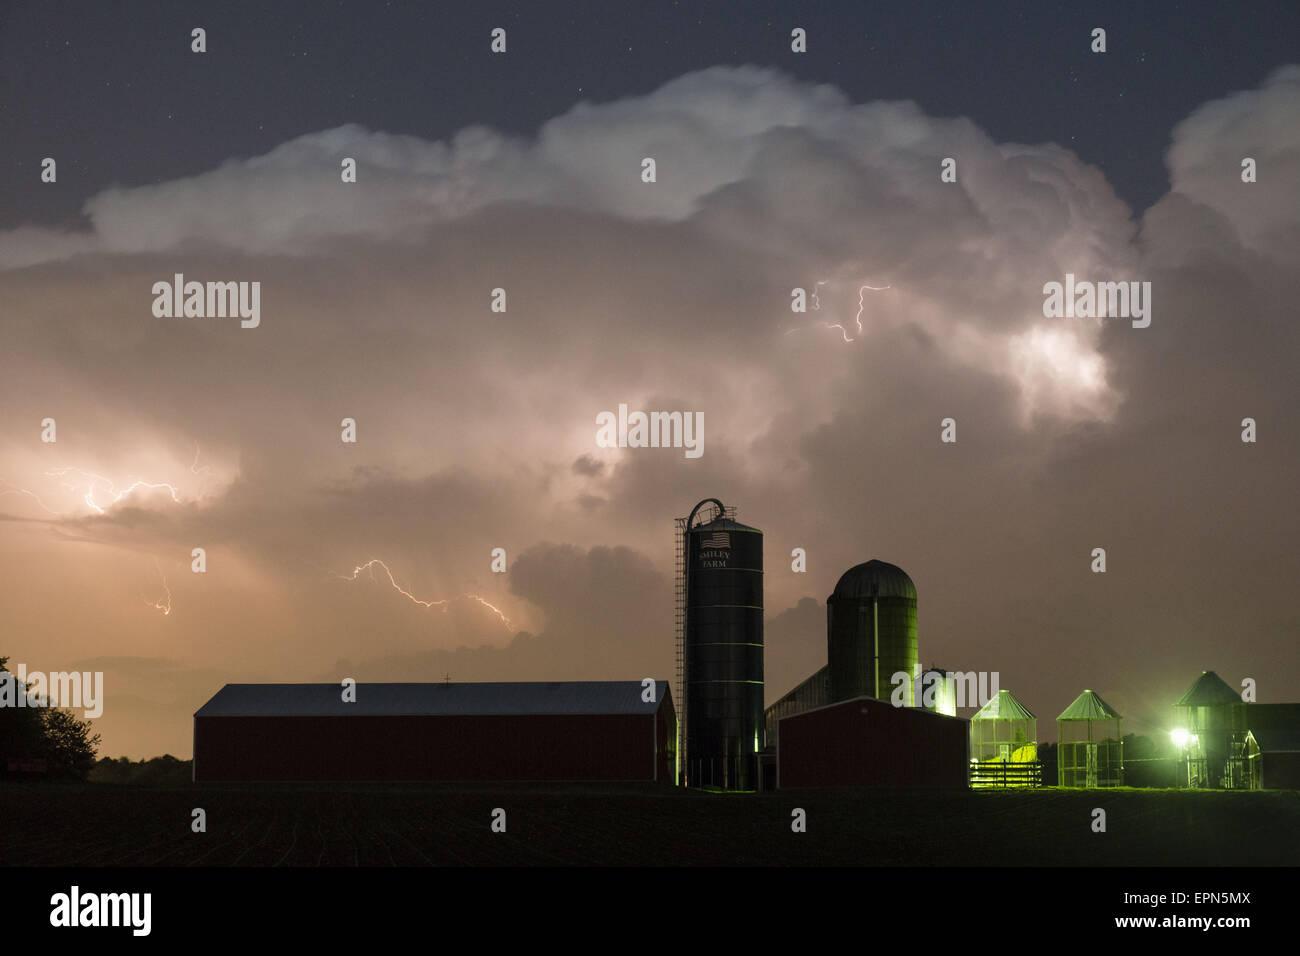 Stadt Wallkill, NY, USA. 19. Mai 2015. Blitze in den Wolken über der Scheune und Silos von einem Bauernhof Stockbild